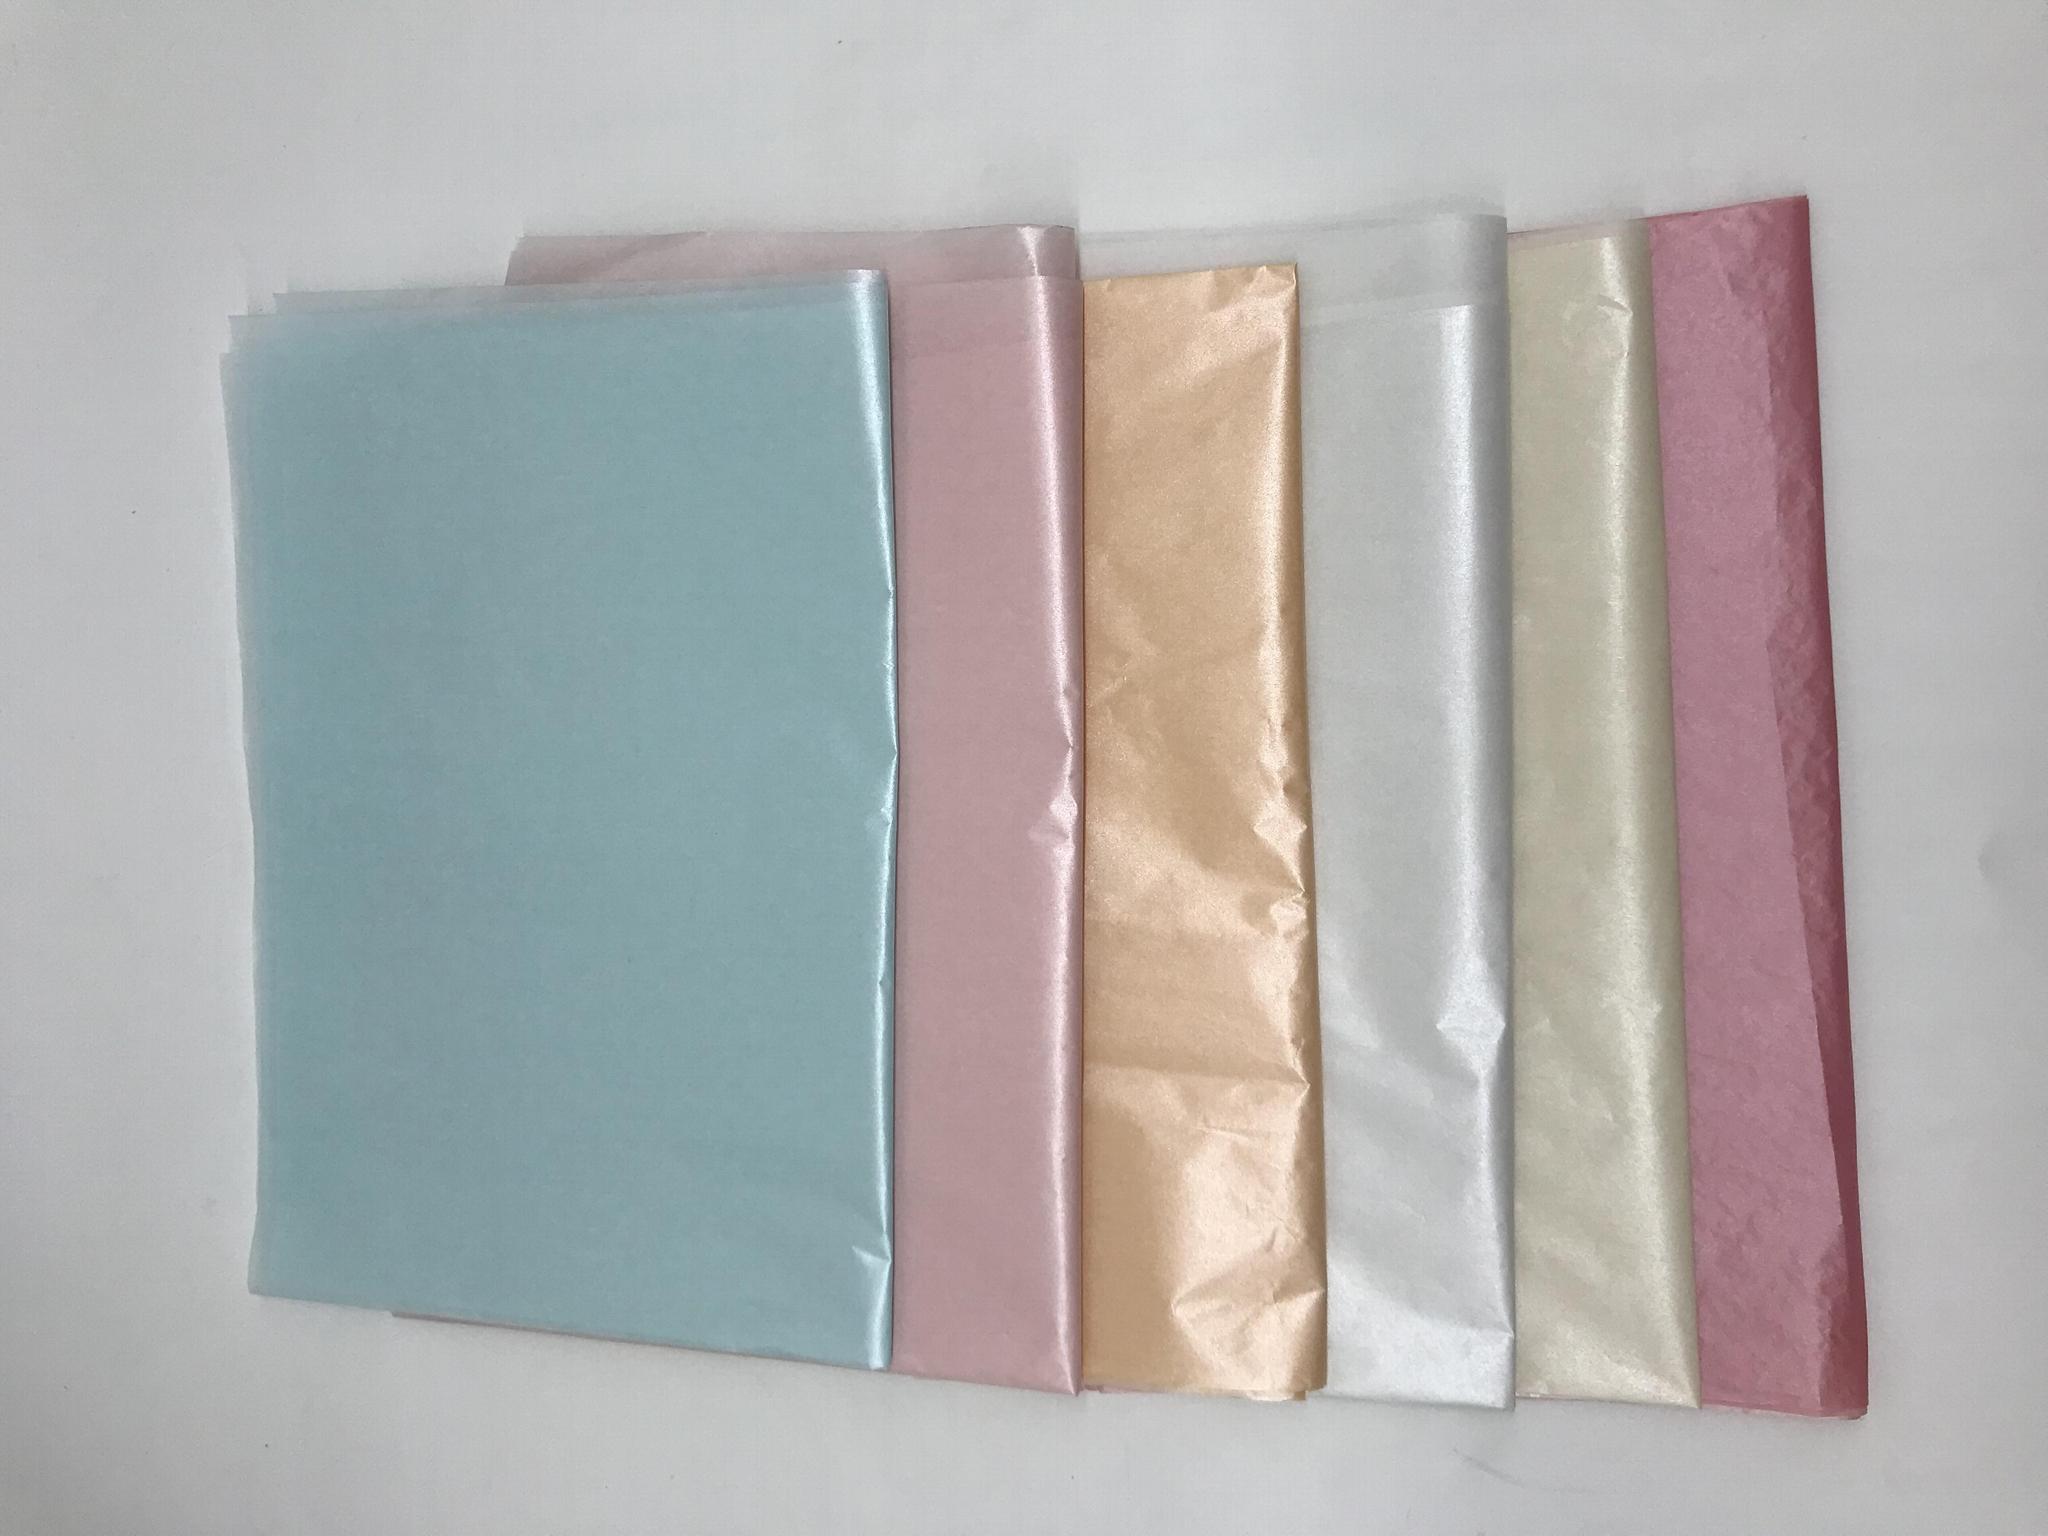 17-22克棉纸满版印刷珠光粉 节日礼品鲜花包装盒产品包装纸tissue paper 1